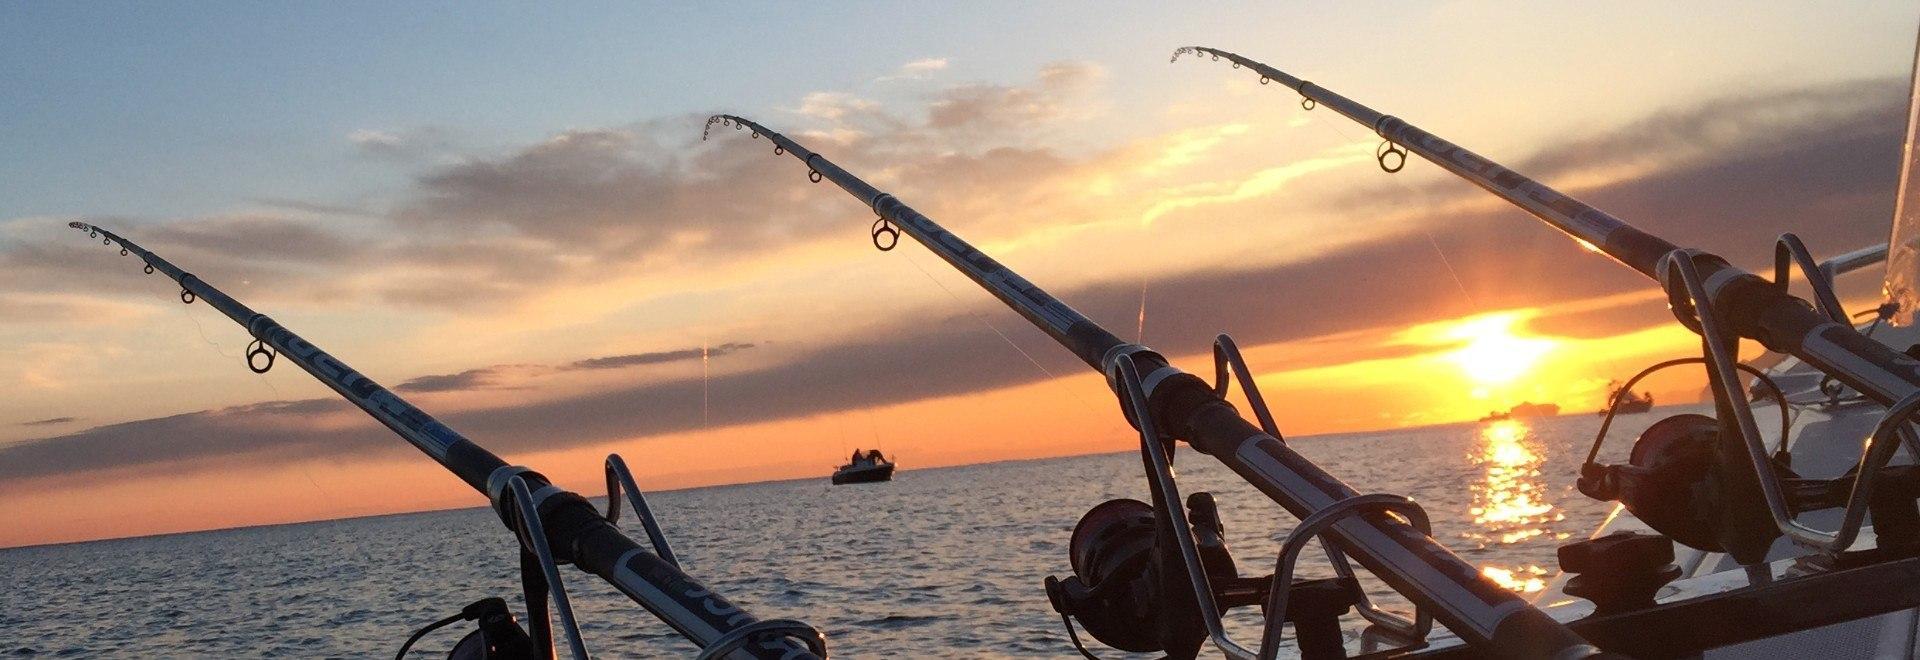 Wreck! Storie di pesca su relitti